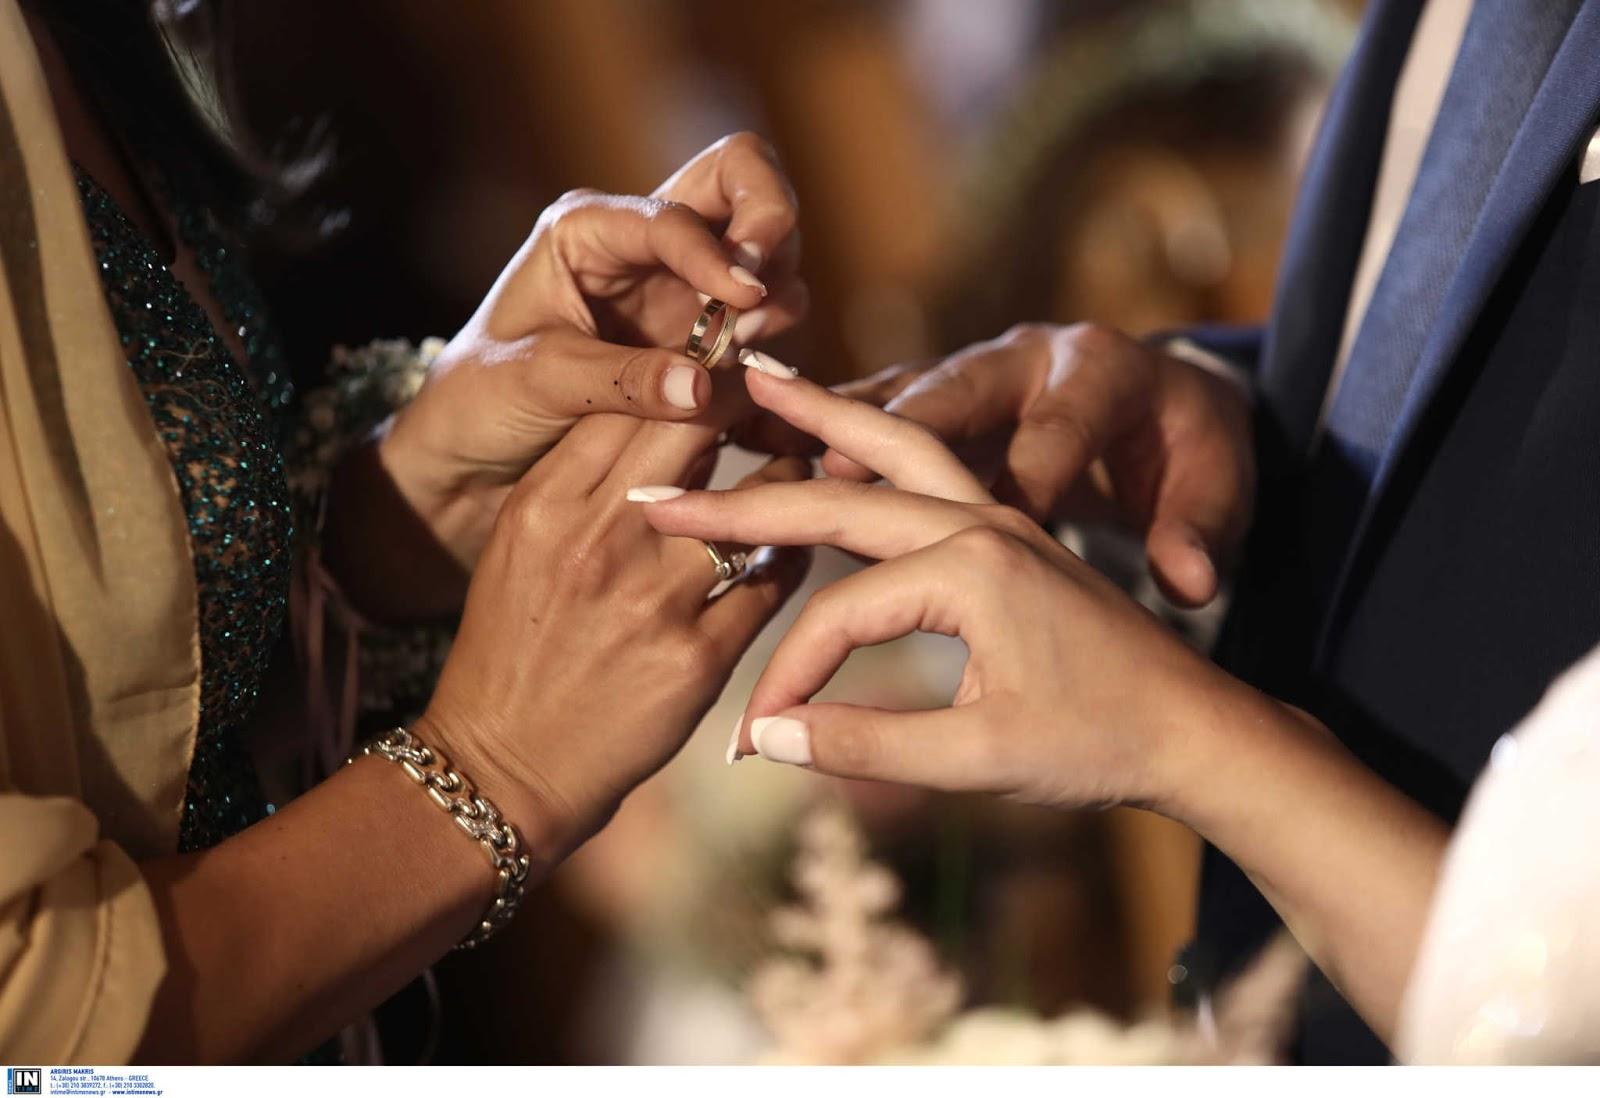 Κορονοϊός: Έφτασαν τα 22 τα κρούσματα από τον γάμο στην Αλεξανδρούπολη